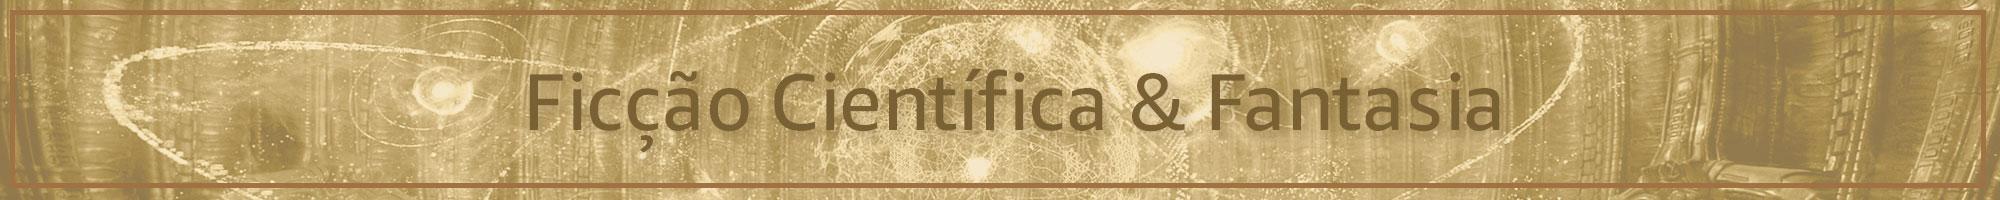 ficção científica & fantasia